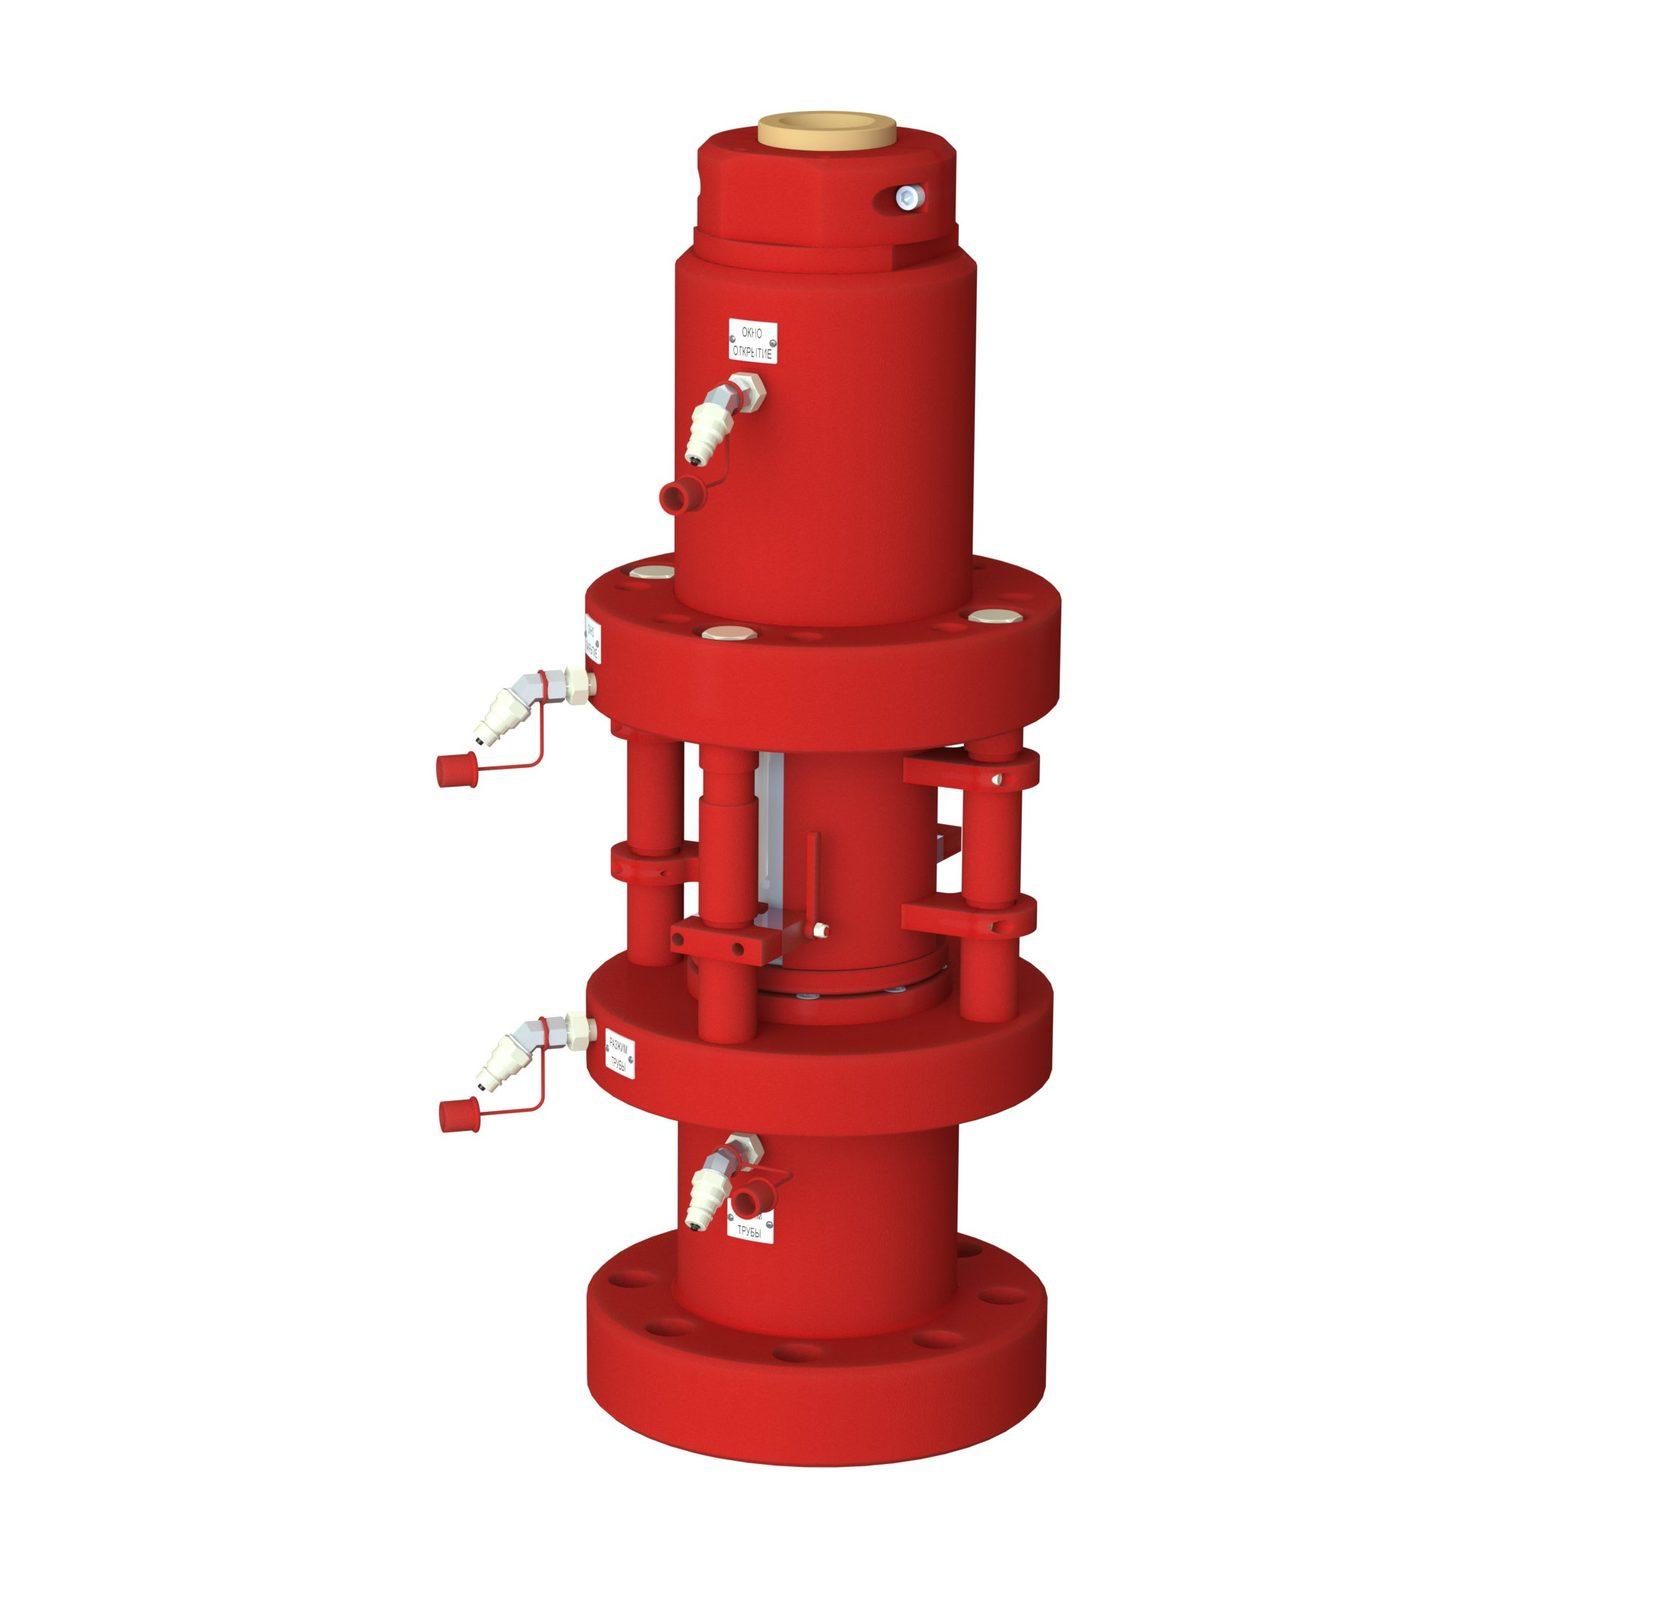 Герметизатор длинномерных безмуфтовых труб ГДБТ-100х105-К2